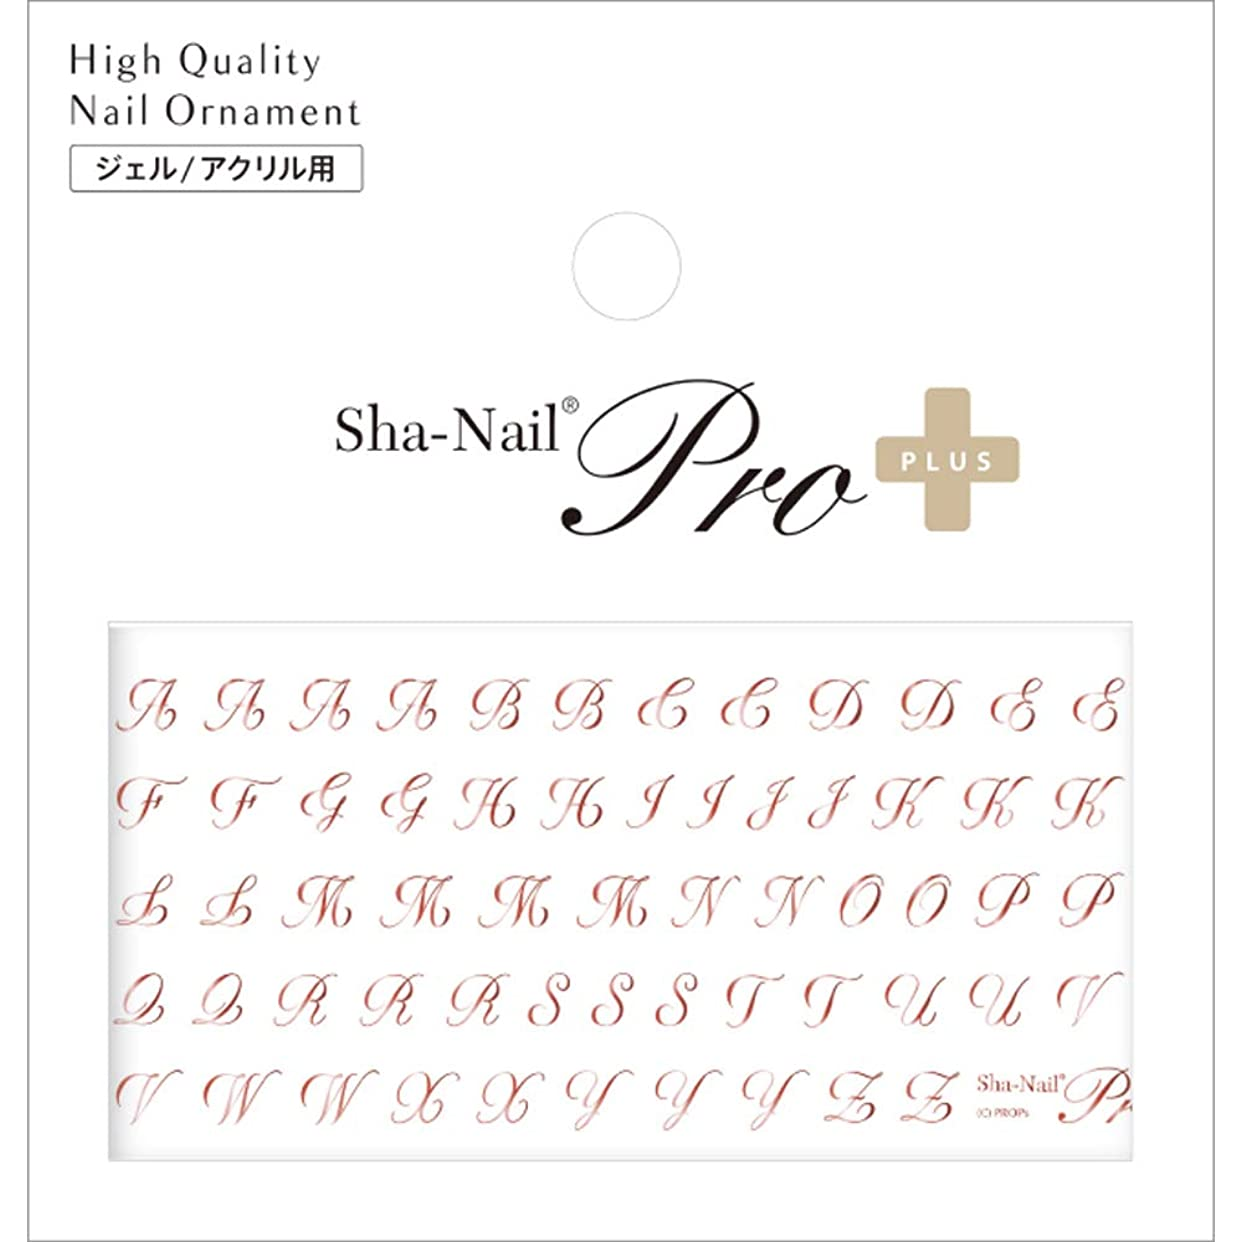 授業料制裁専門化するSha-Nail PLUS ネイルシール スクリプト アルファベット ピンクゴールド